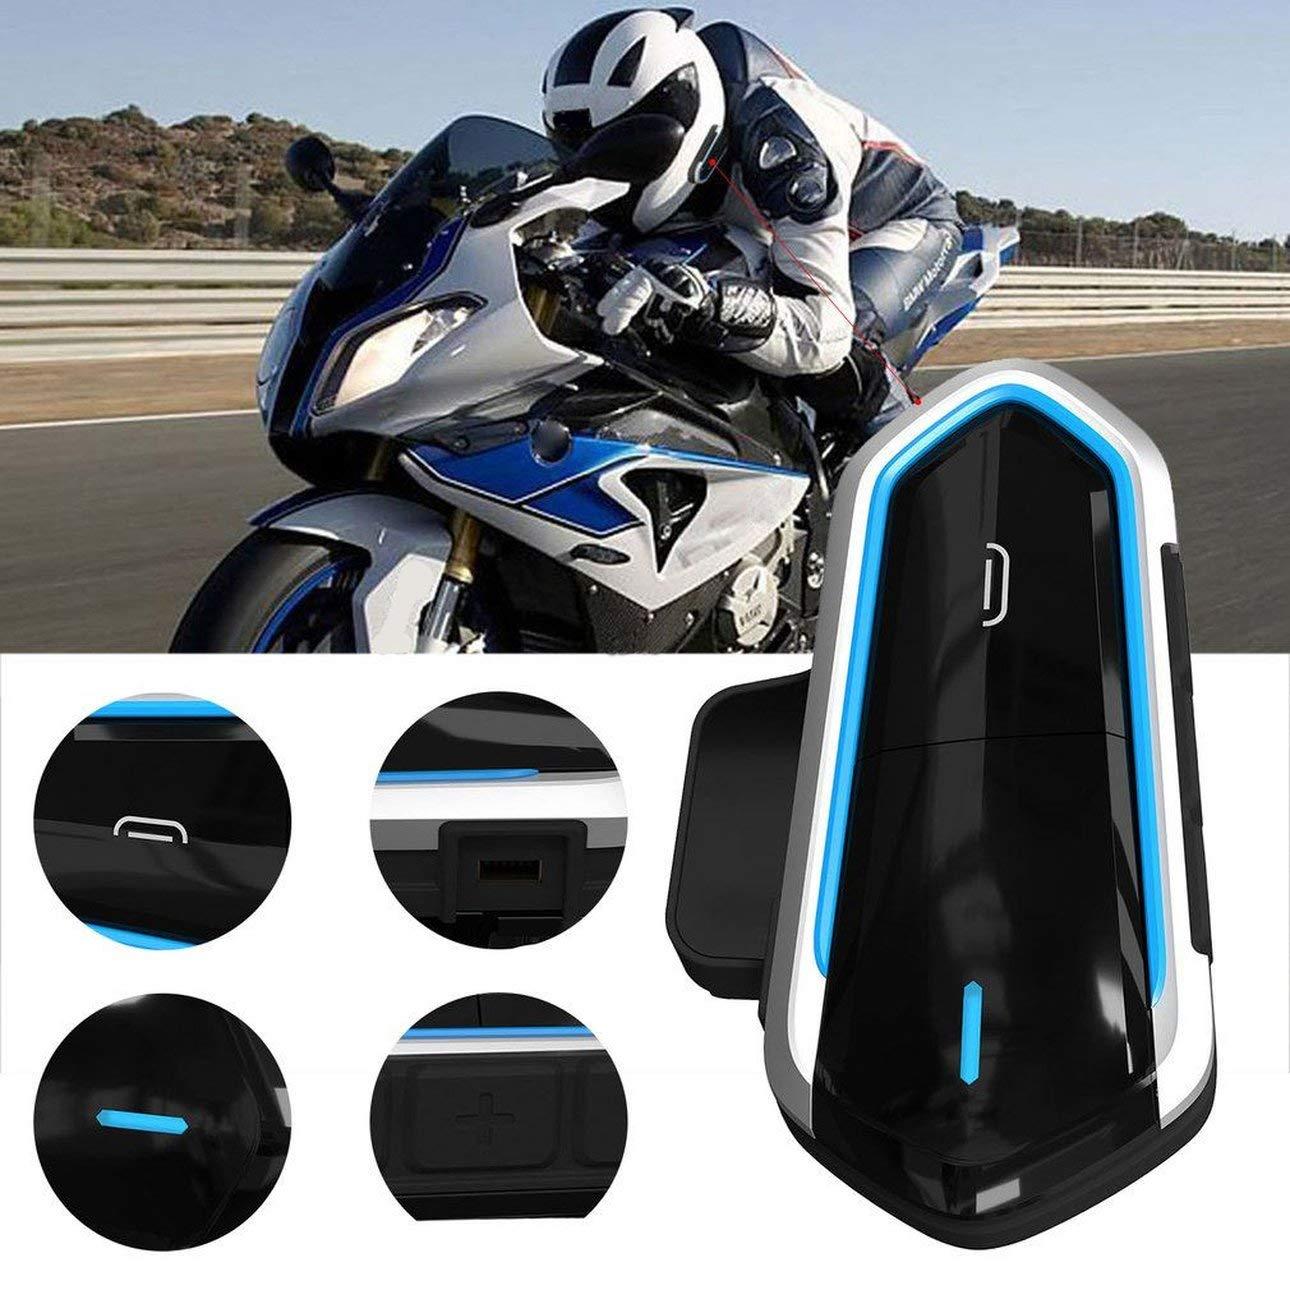 Noir et Bleu Pudincoco QTB35 Casque Moto interphone Casque pour Moto Casque interphone Moto interphone Casque Radio FM